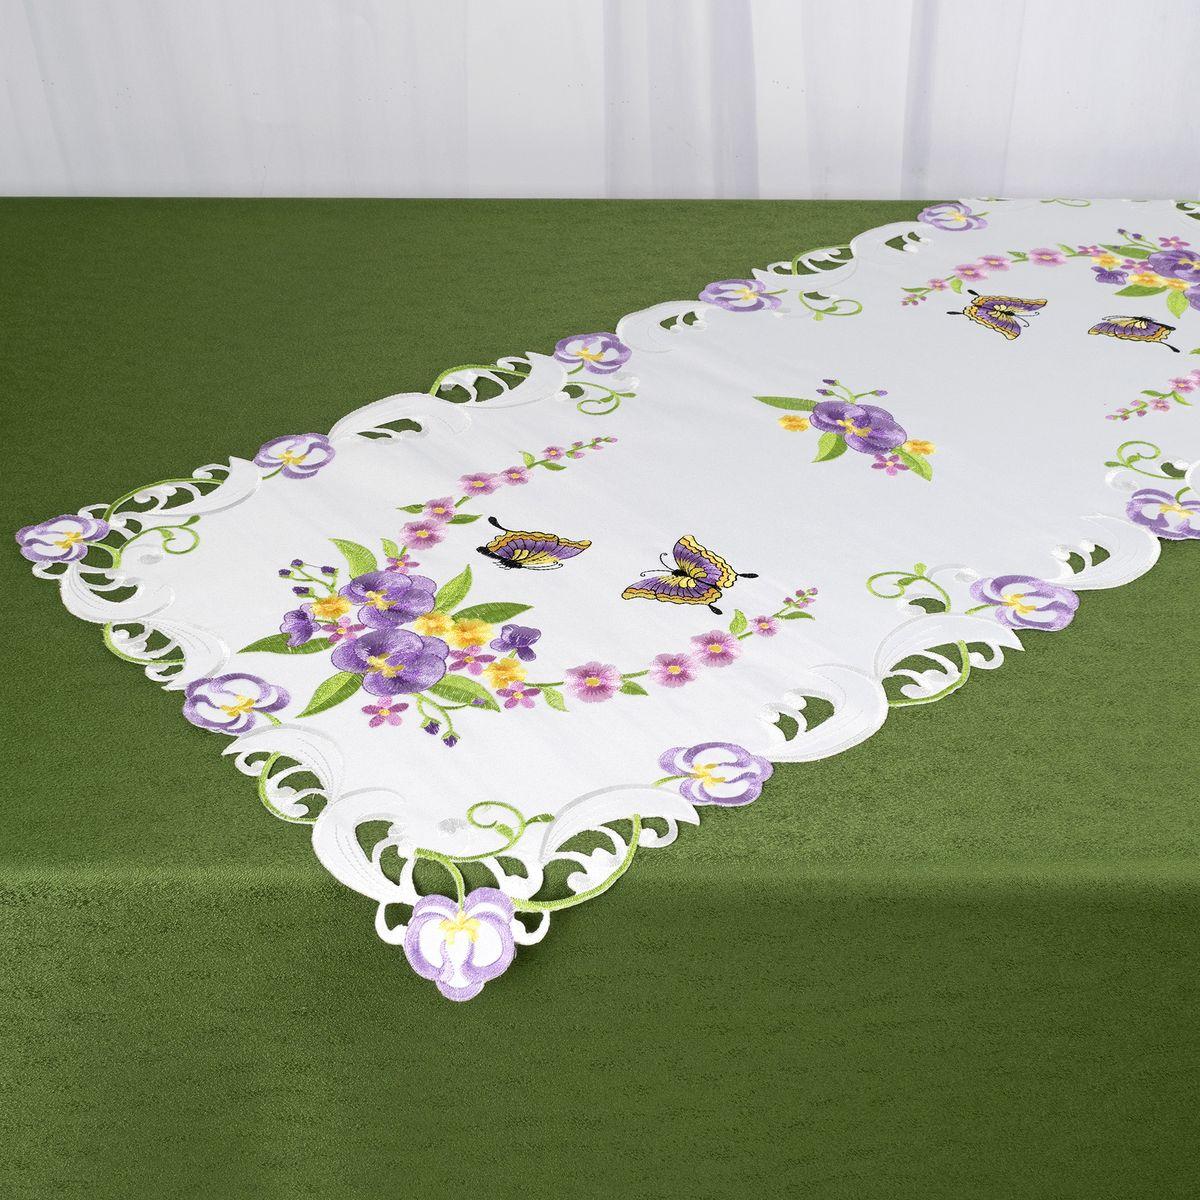 Дорожка для декорирования стола Schaefer, 40 x 85 см, цвет: белый. 07745-27107745-271Дорожка для декорирования стола Schaefer может быть использована, как основной элемент, так и дополнение для создания уюта и романтического настроения.Дорожка выполнена из полиэстера. Изделие легко стирать: оно не мнется, не садится и быстро сохнет, более долговечно, чем изделие из натуральных волокон.Материал: 100% полиэстер.Размер: 40 x 85 см.